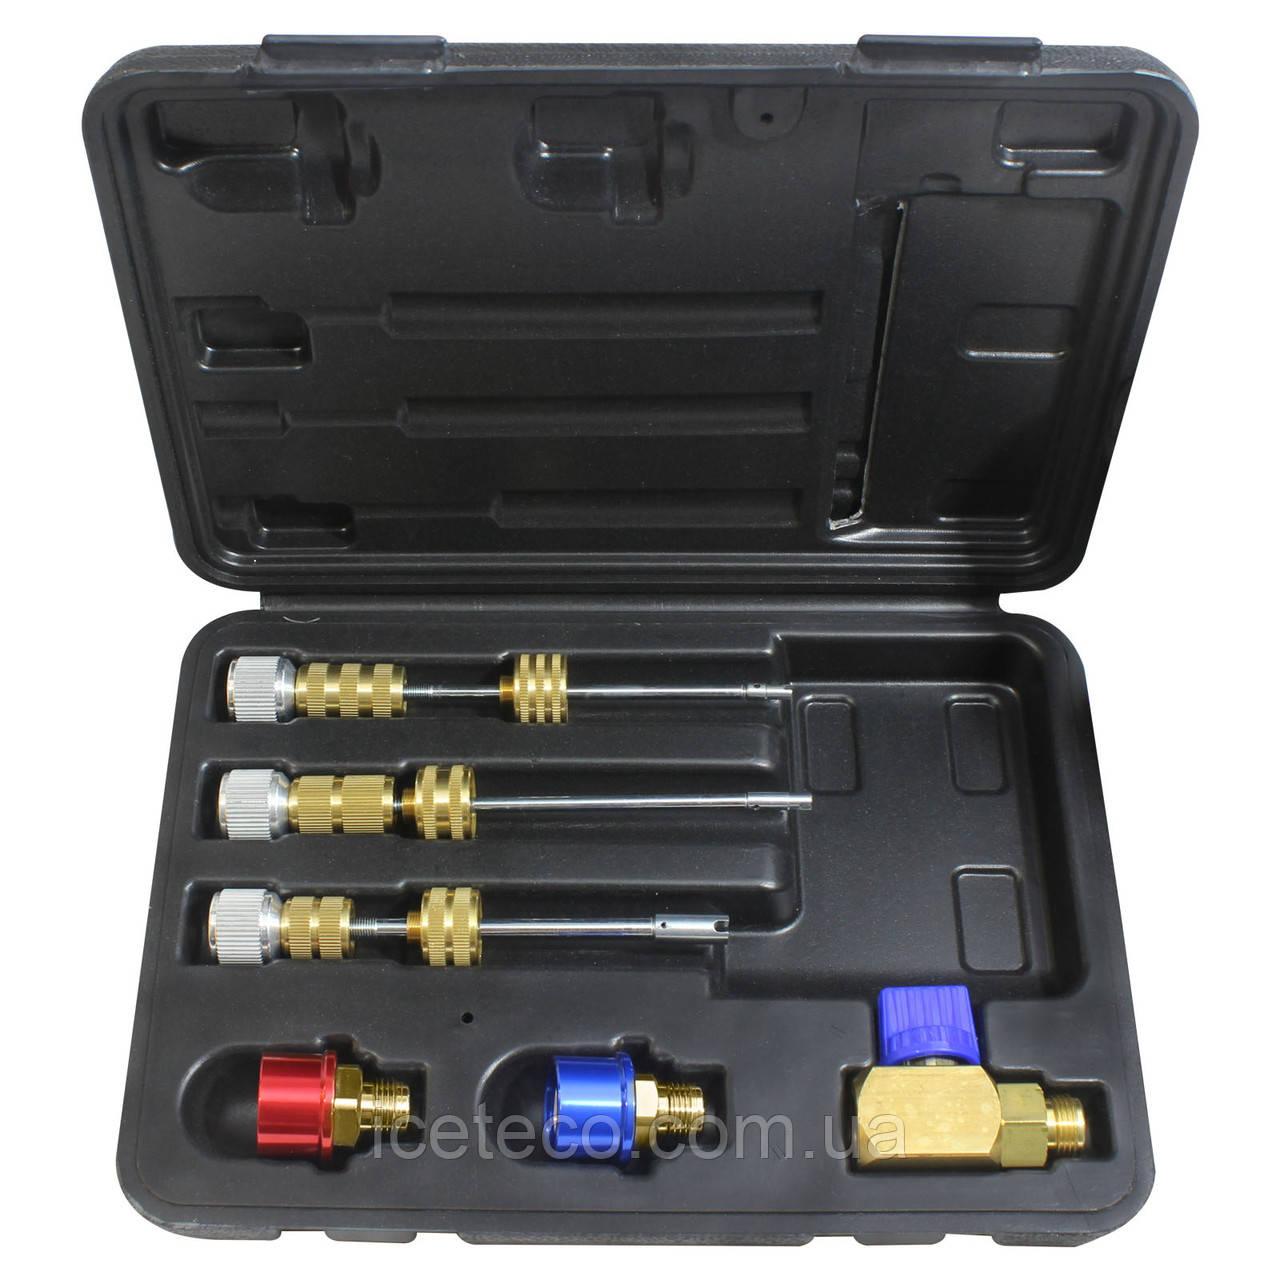 Набор сервисных вентилей для А/С без стравливания фреона R1234yf Mastercool MC 58490-YF